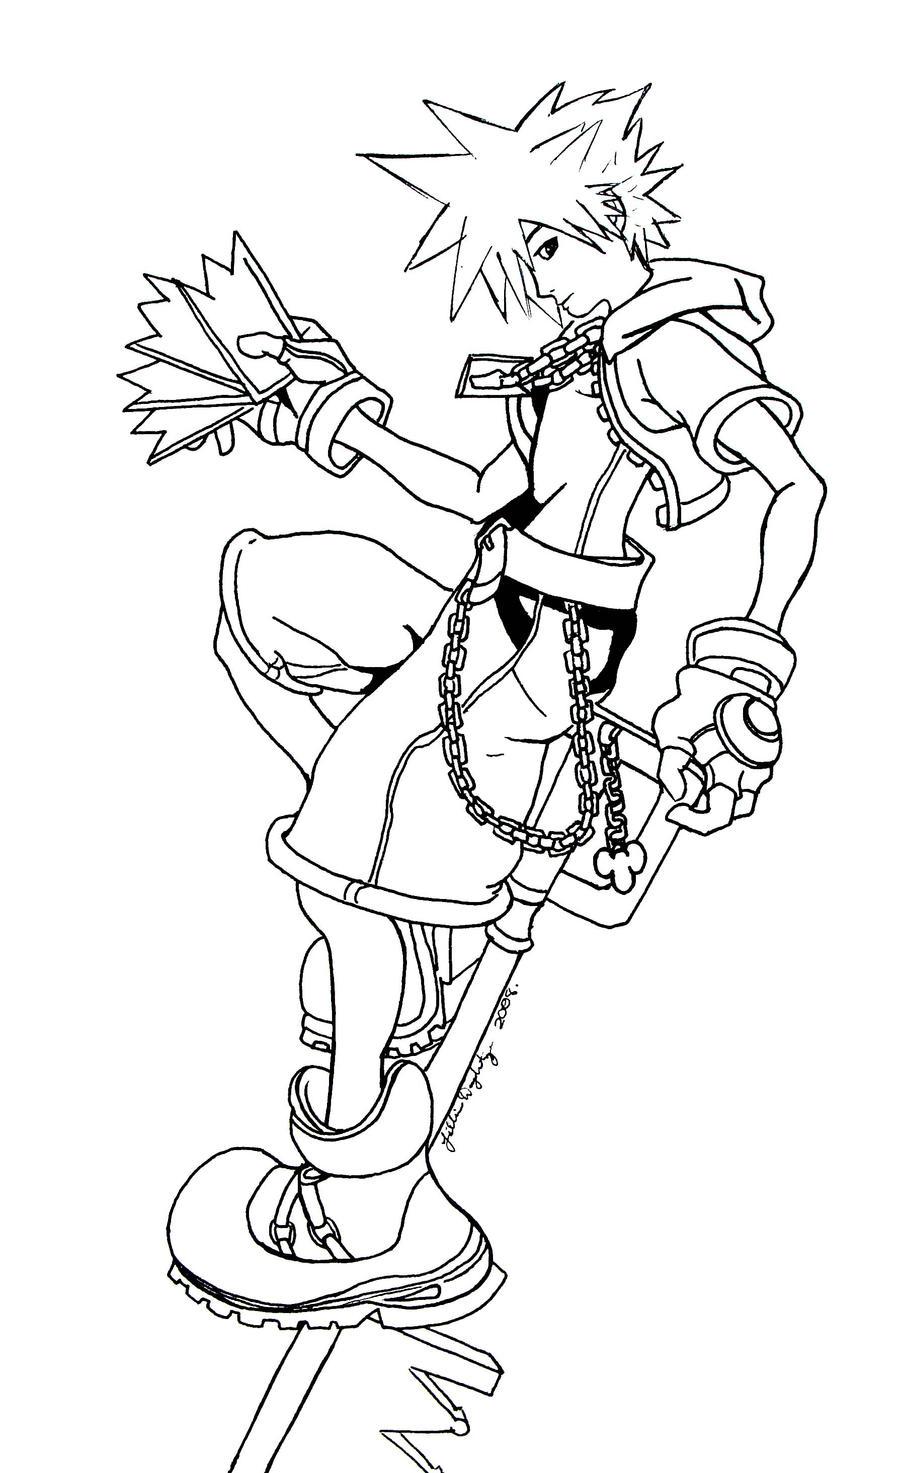 Sora Kingdom Hearts Lineart : Kingdom hearts sora by elodoth on deviantart